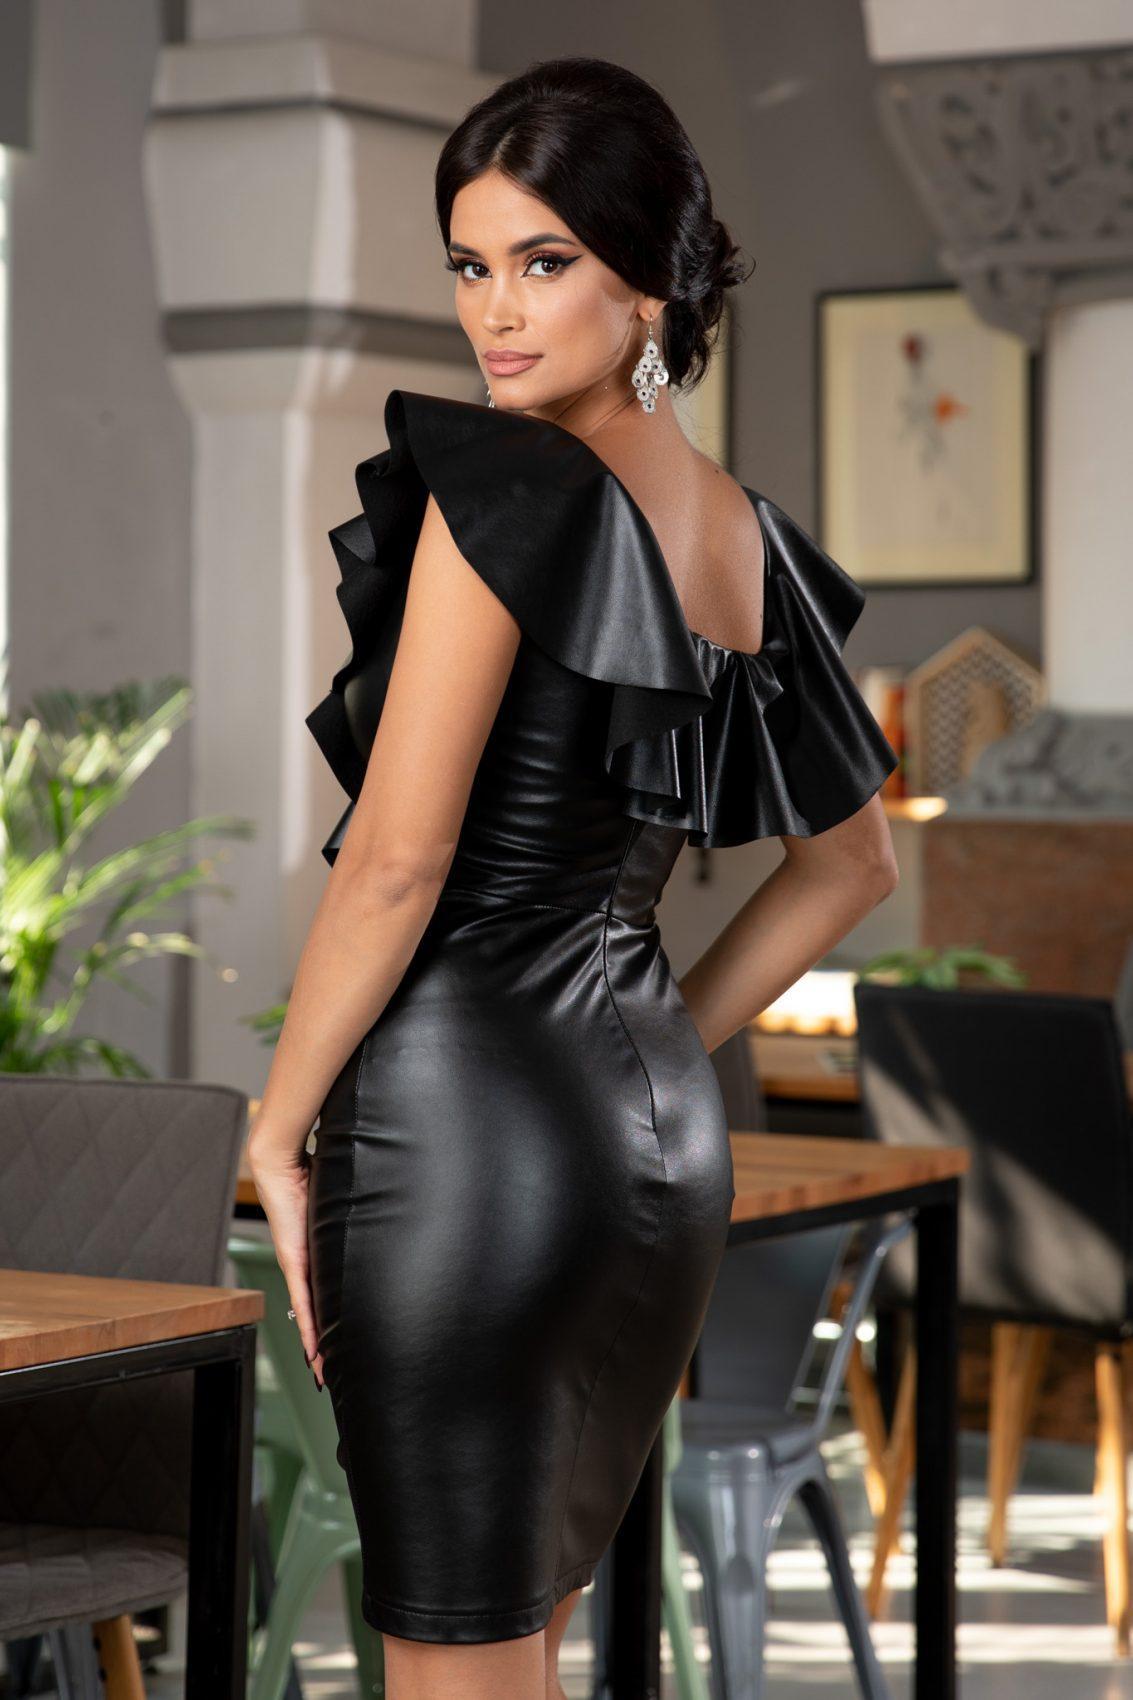 Rachel Μαύρο Φόρεμα 5403